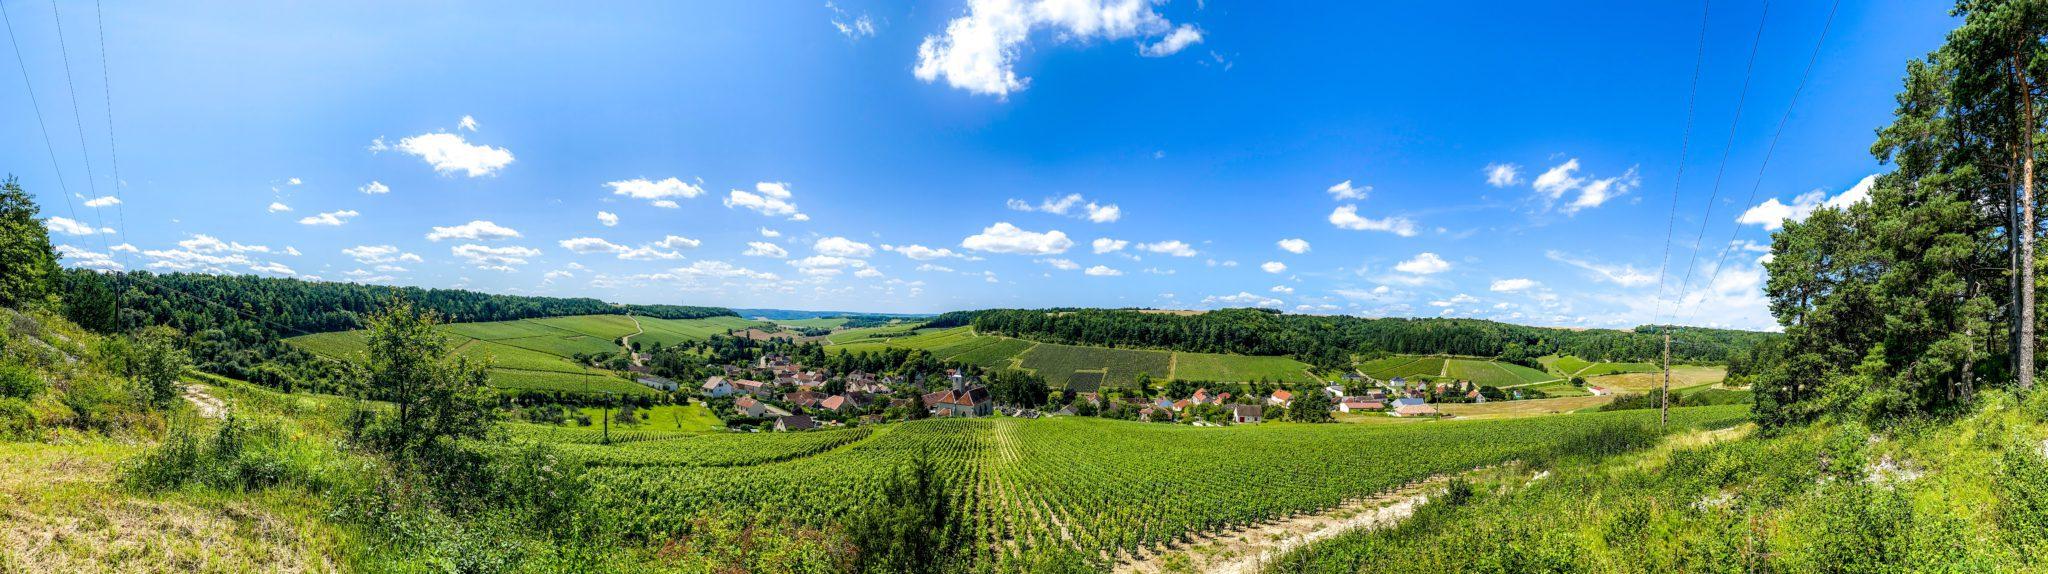 De Côte de Bar: wijnranken en slaperige dorpjes zover het oog rijkt.